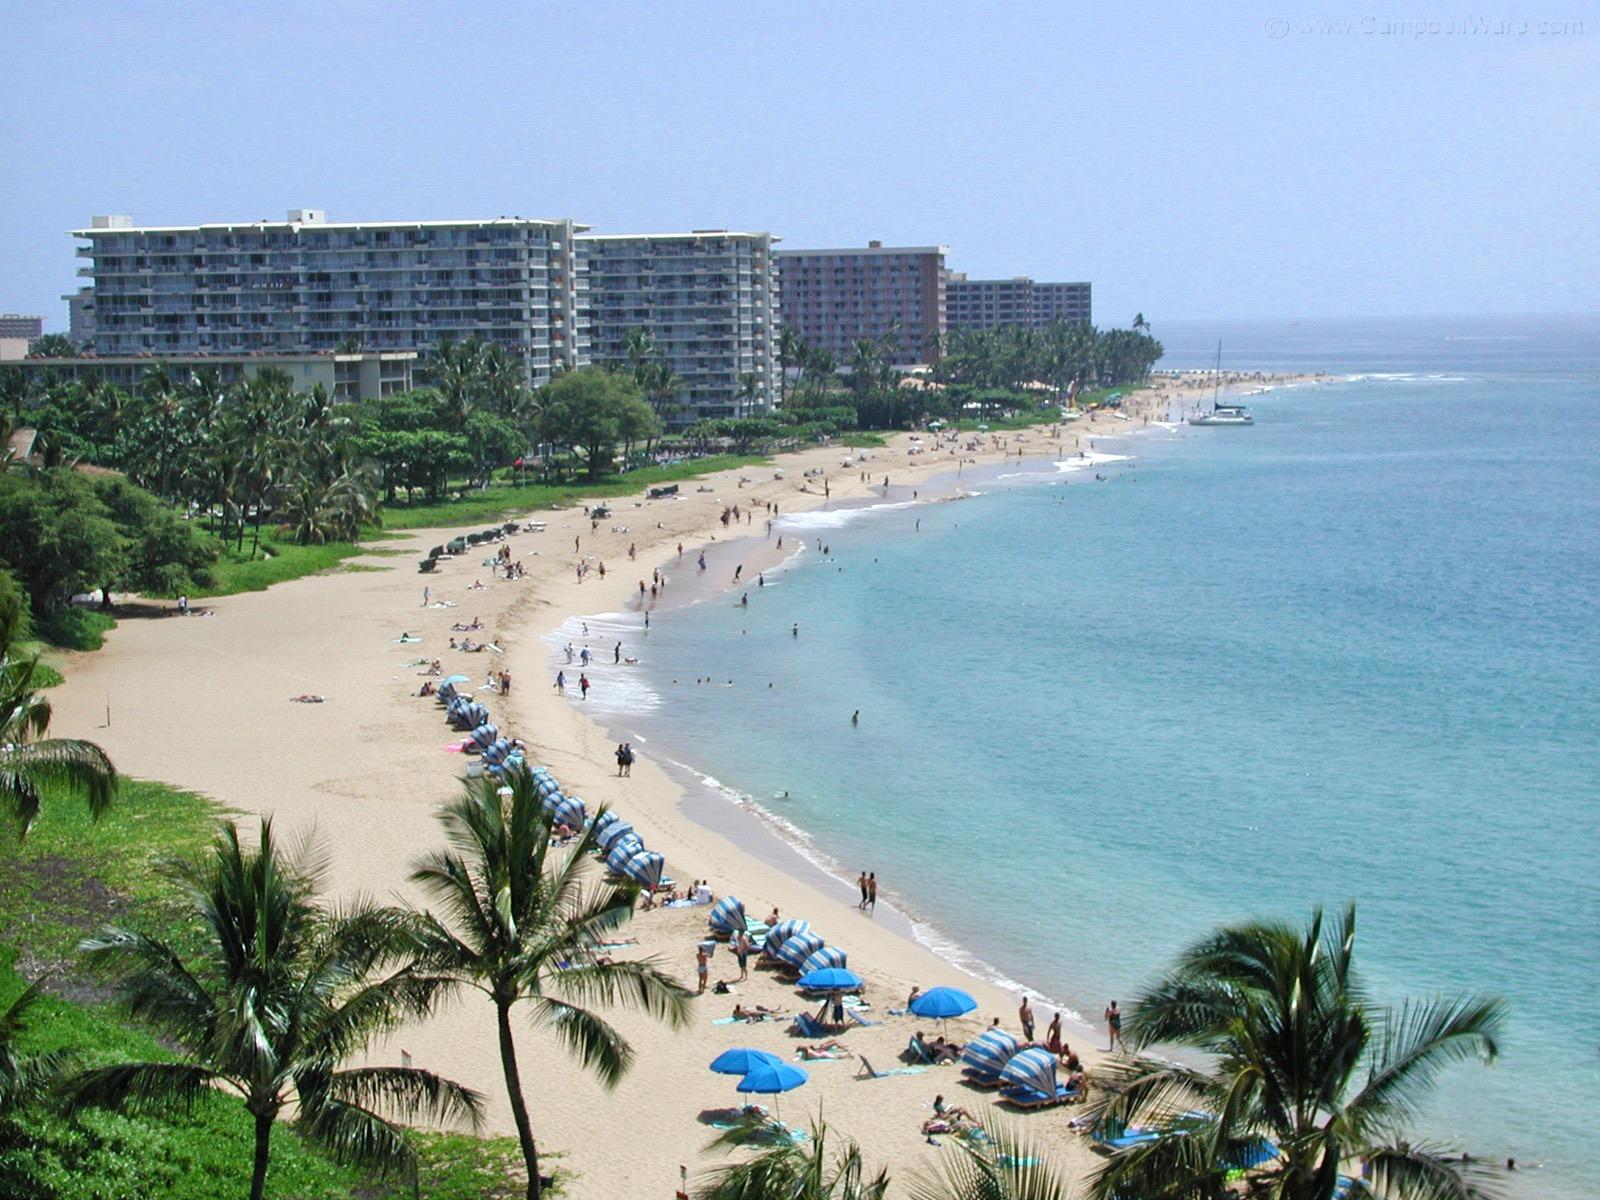 hawaii07-1614357419.jpg